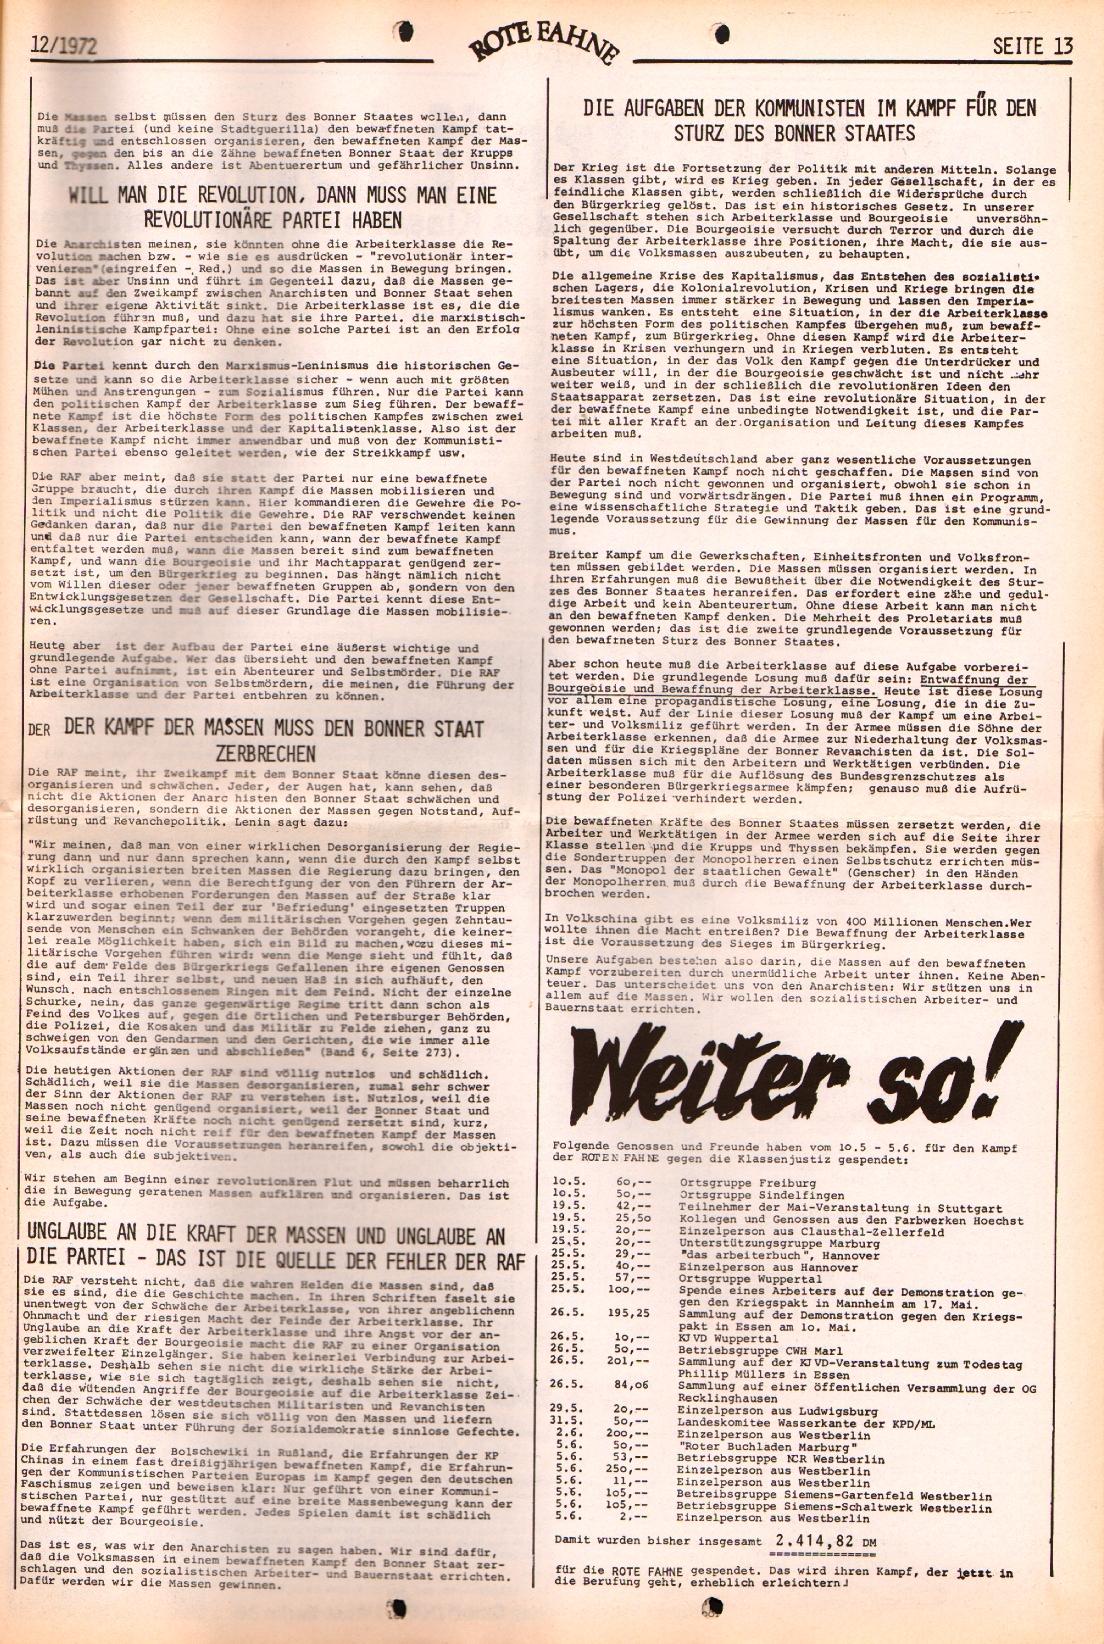 Rote Fahne, 3. Jg., 12.6.1972, Nr. 12, Seite 13